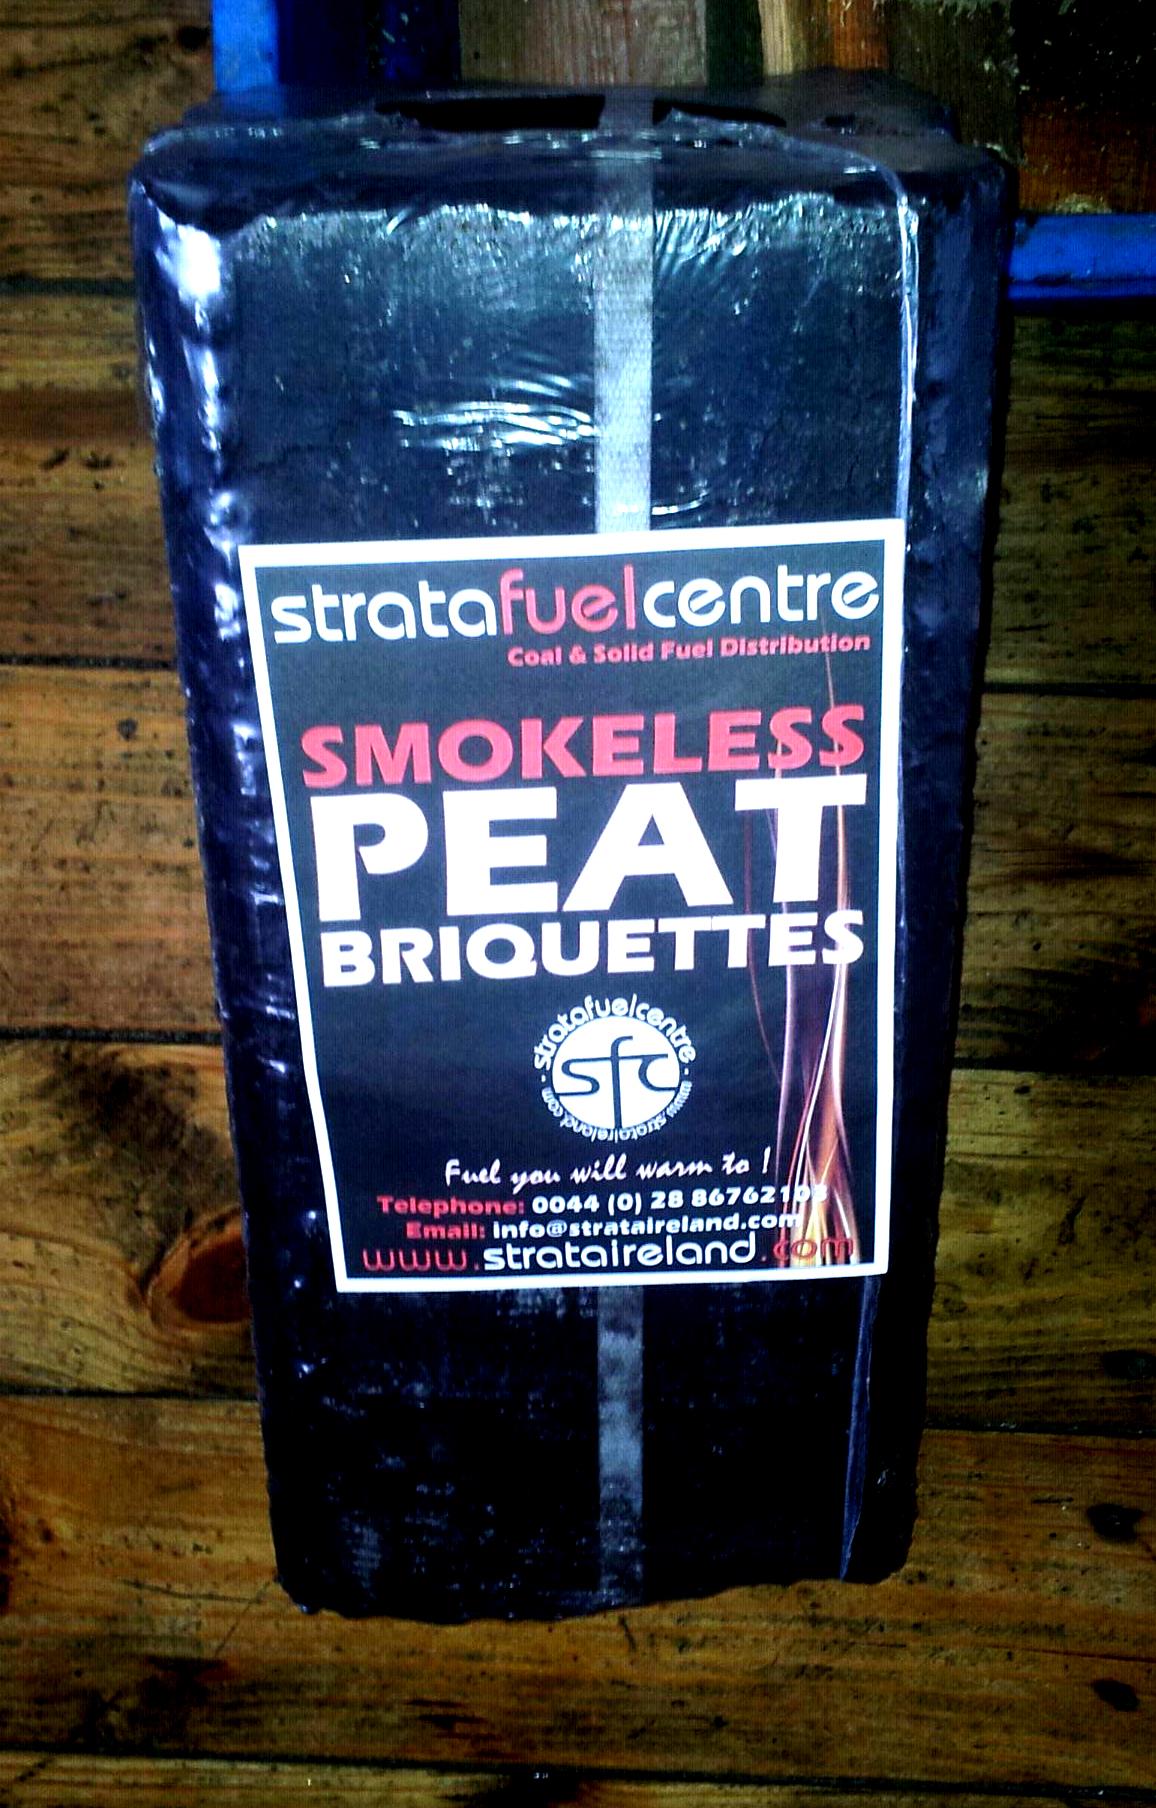 Peat Briquettes Strata Ireland